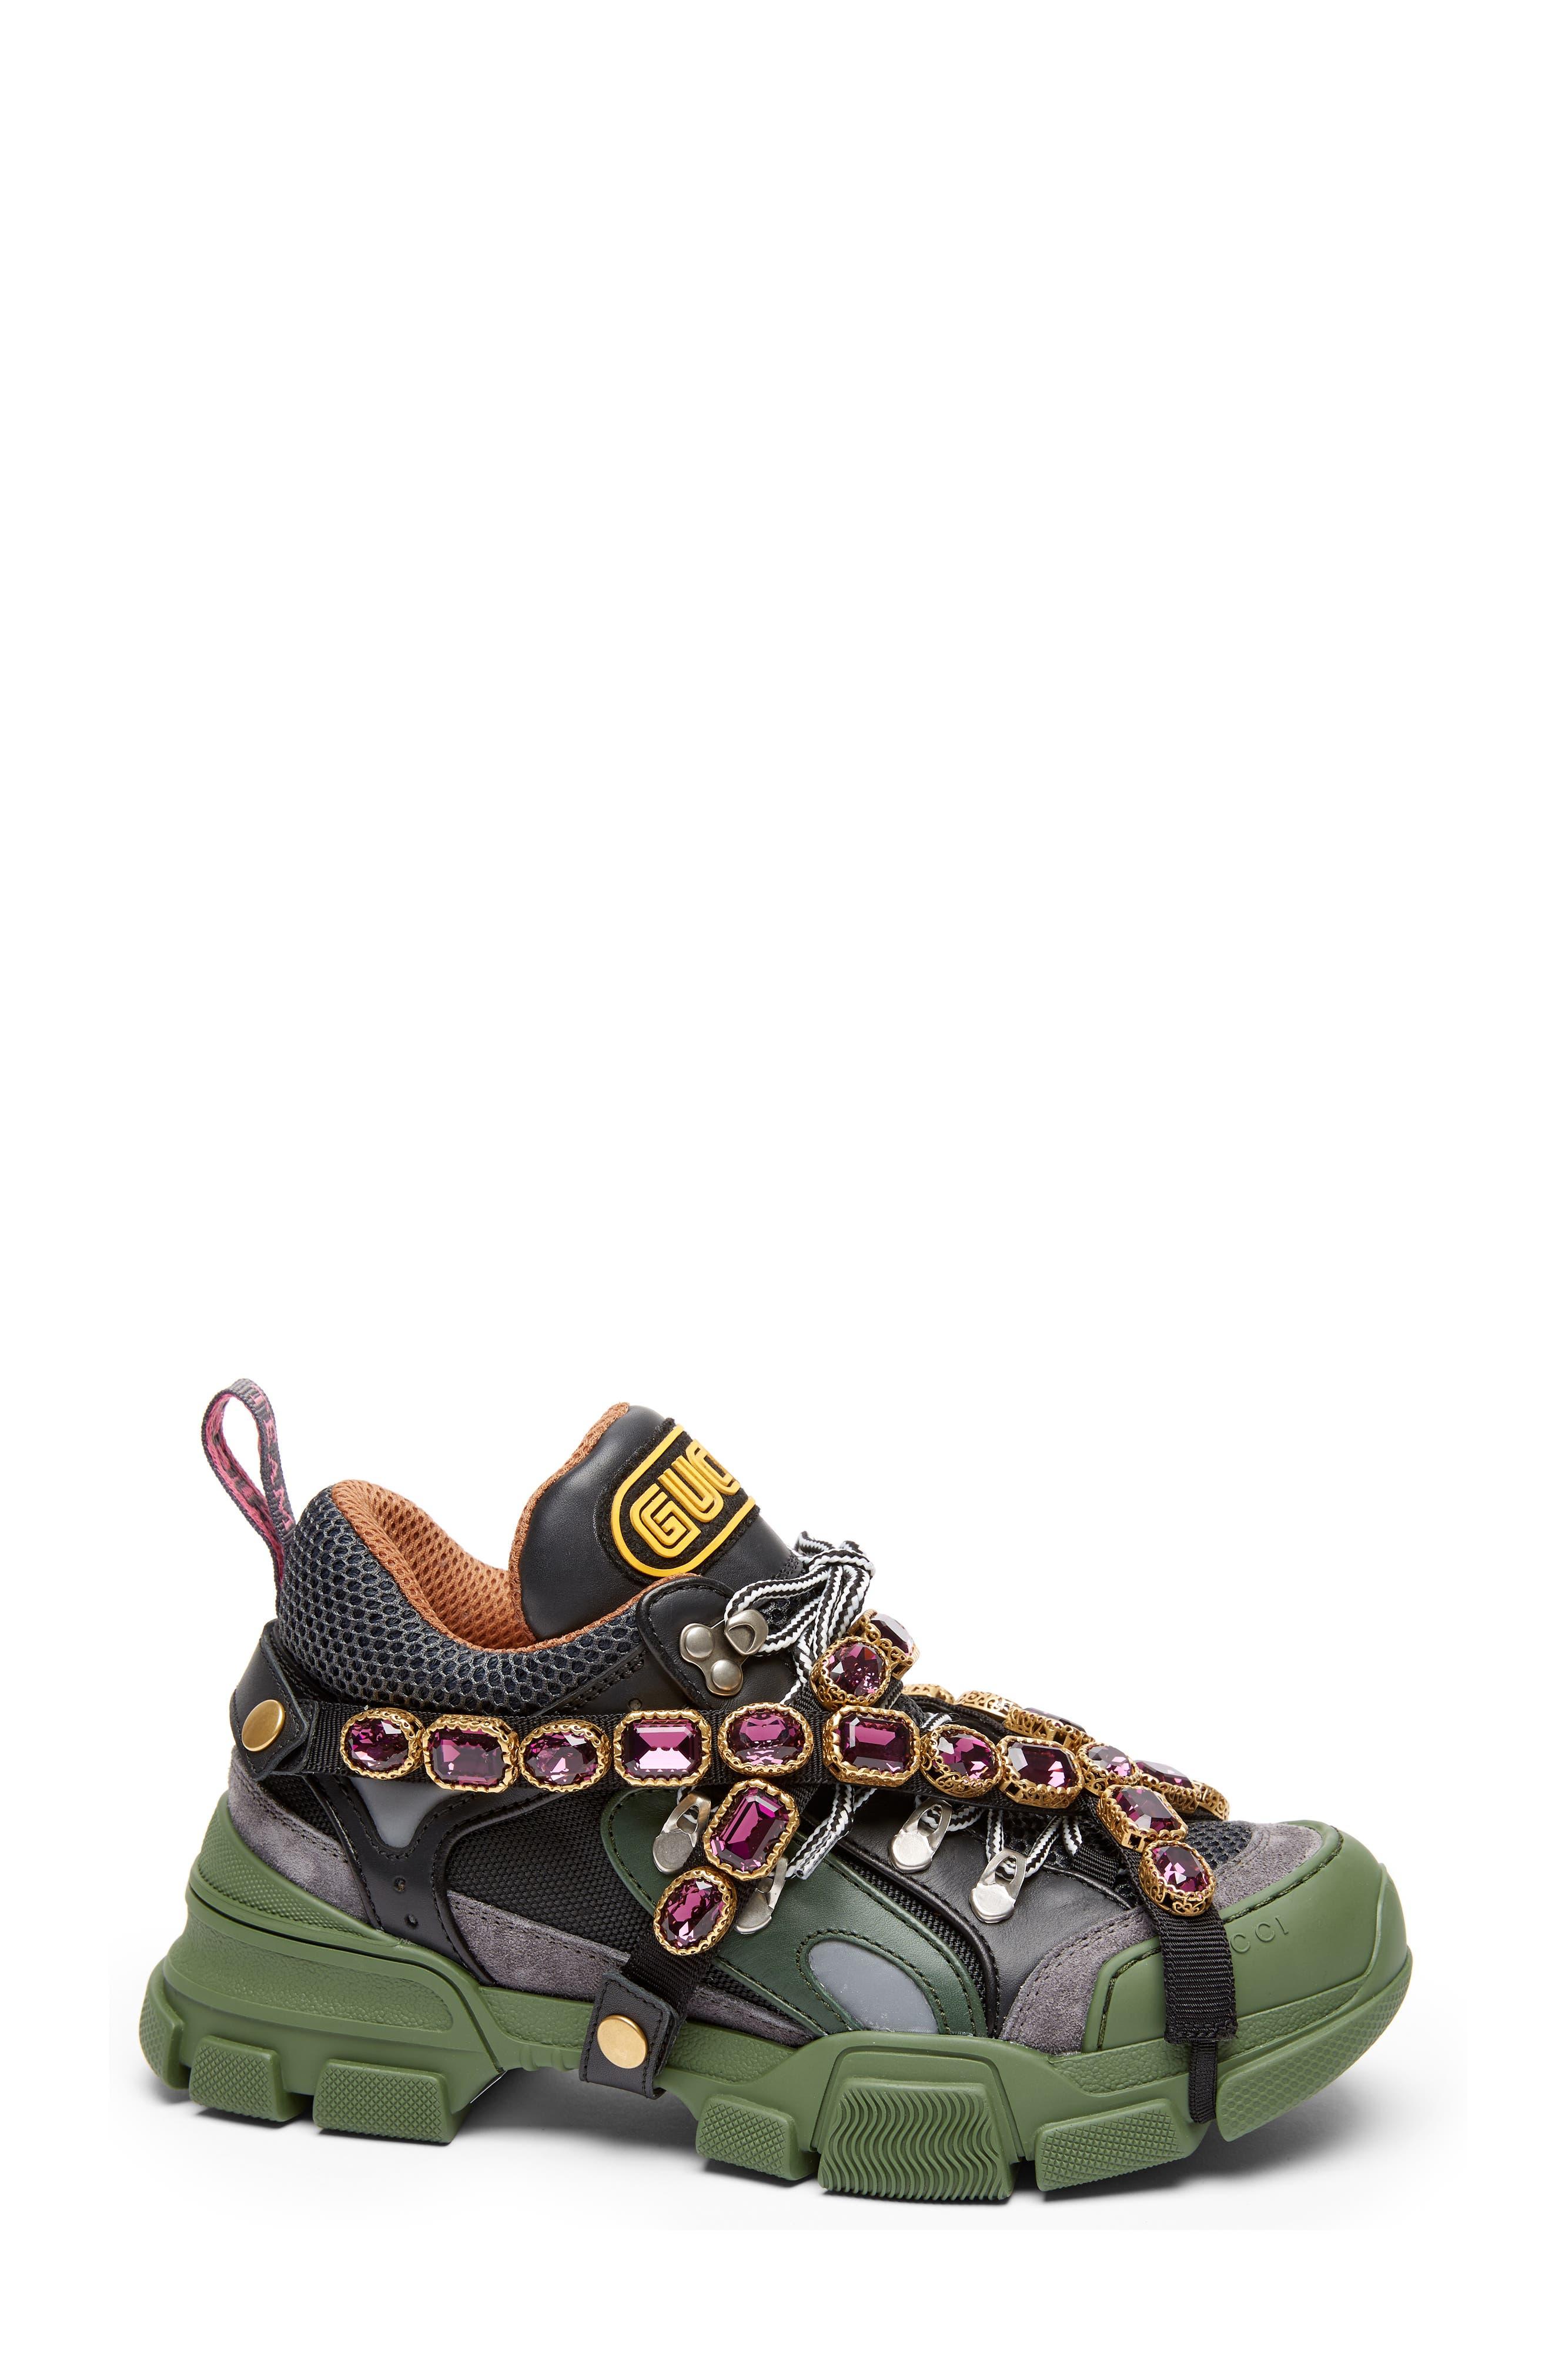 Flashtrek Jewel Sneaker,                             Main thumbnail 1, color,                             301